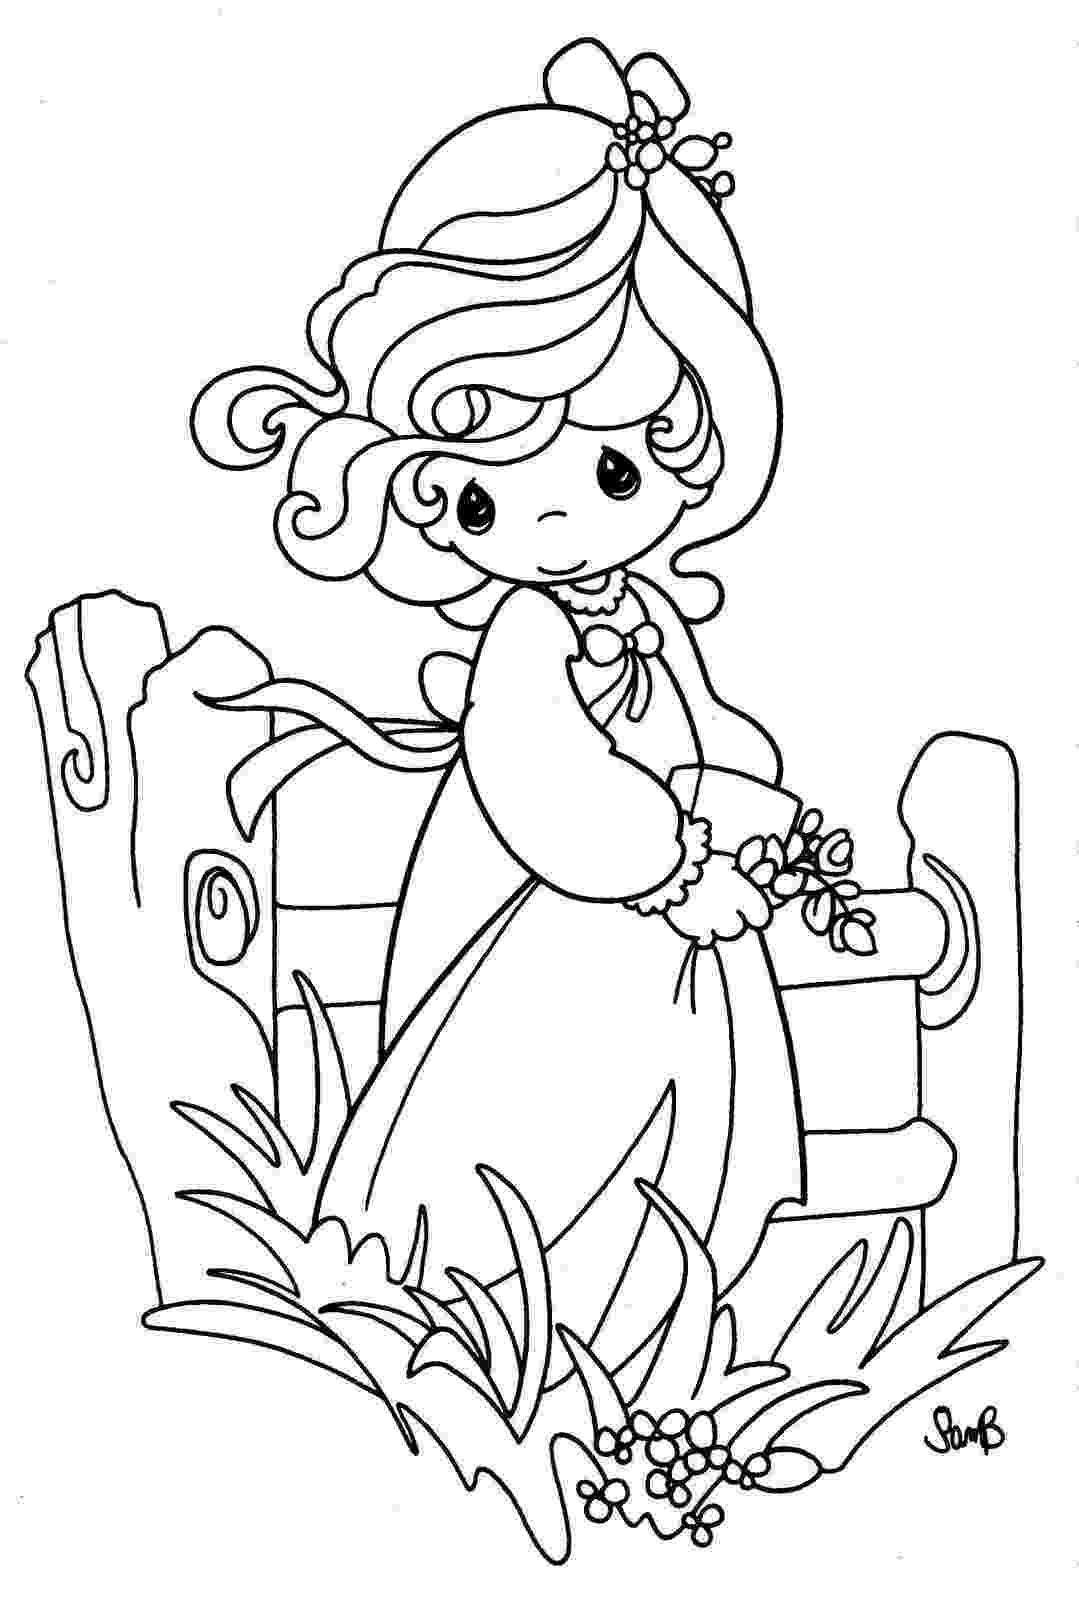 precious moments coloring books precious moments wallpapers wallpapertag books precious coloring moments